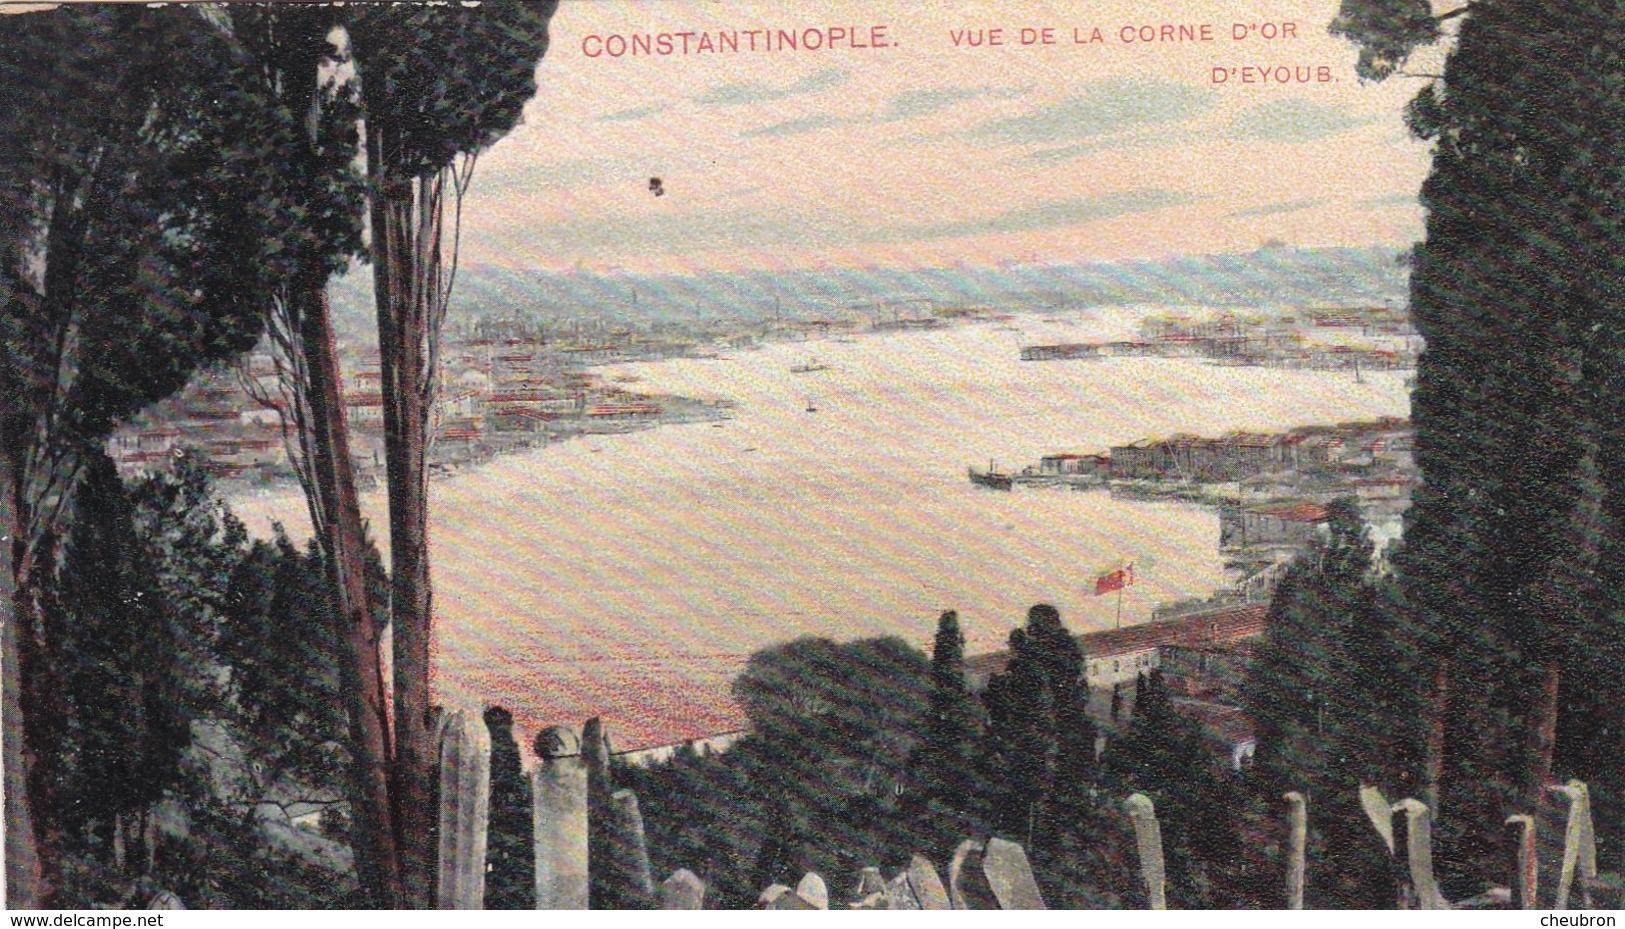 TURQUIE. CONSTANTINOPLE. CPA COLORISÉE.VUE DE LA CORNE D'OR D'EYUB - Turquie